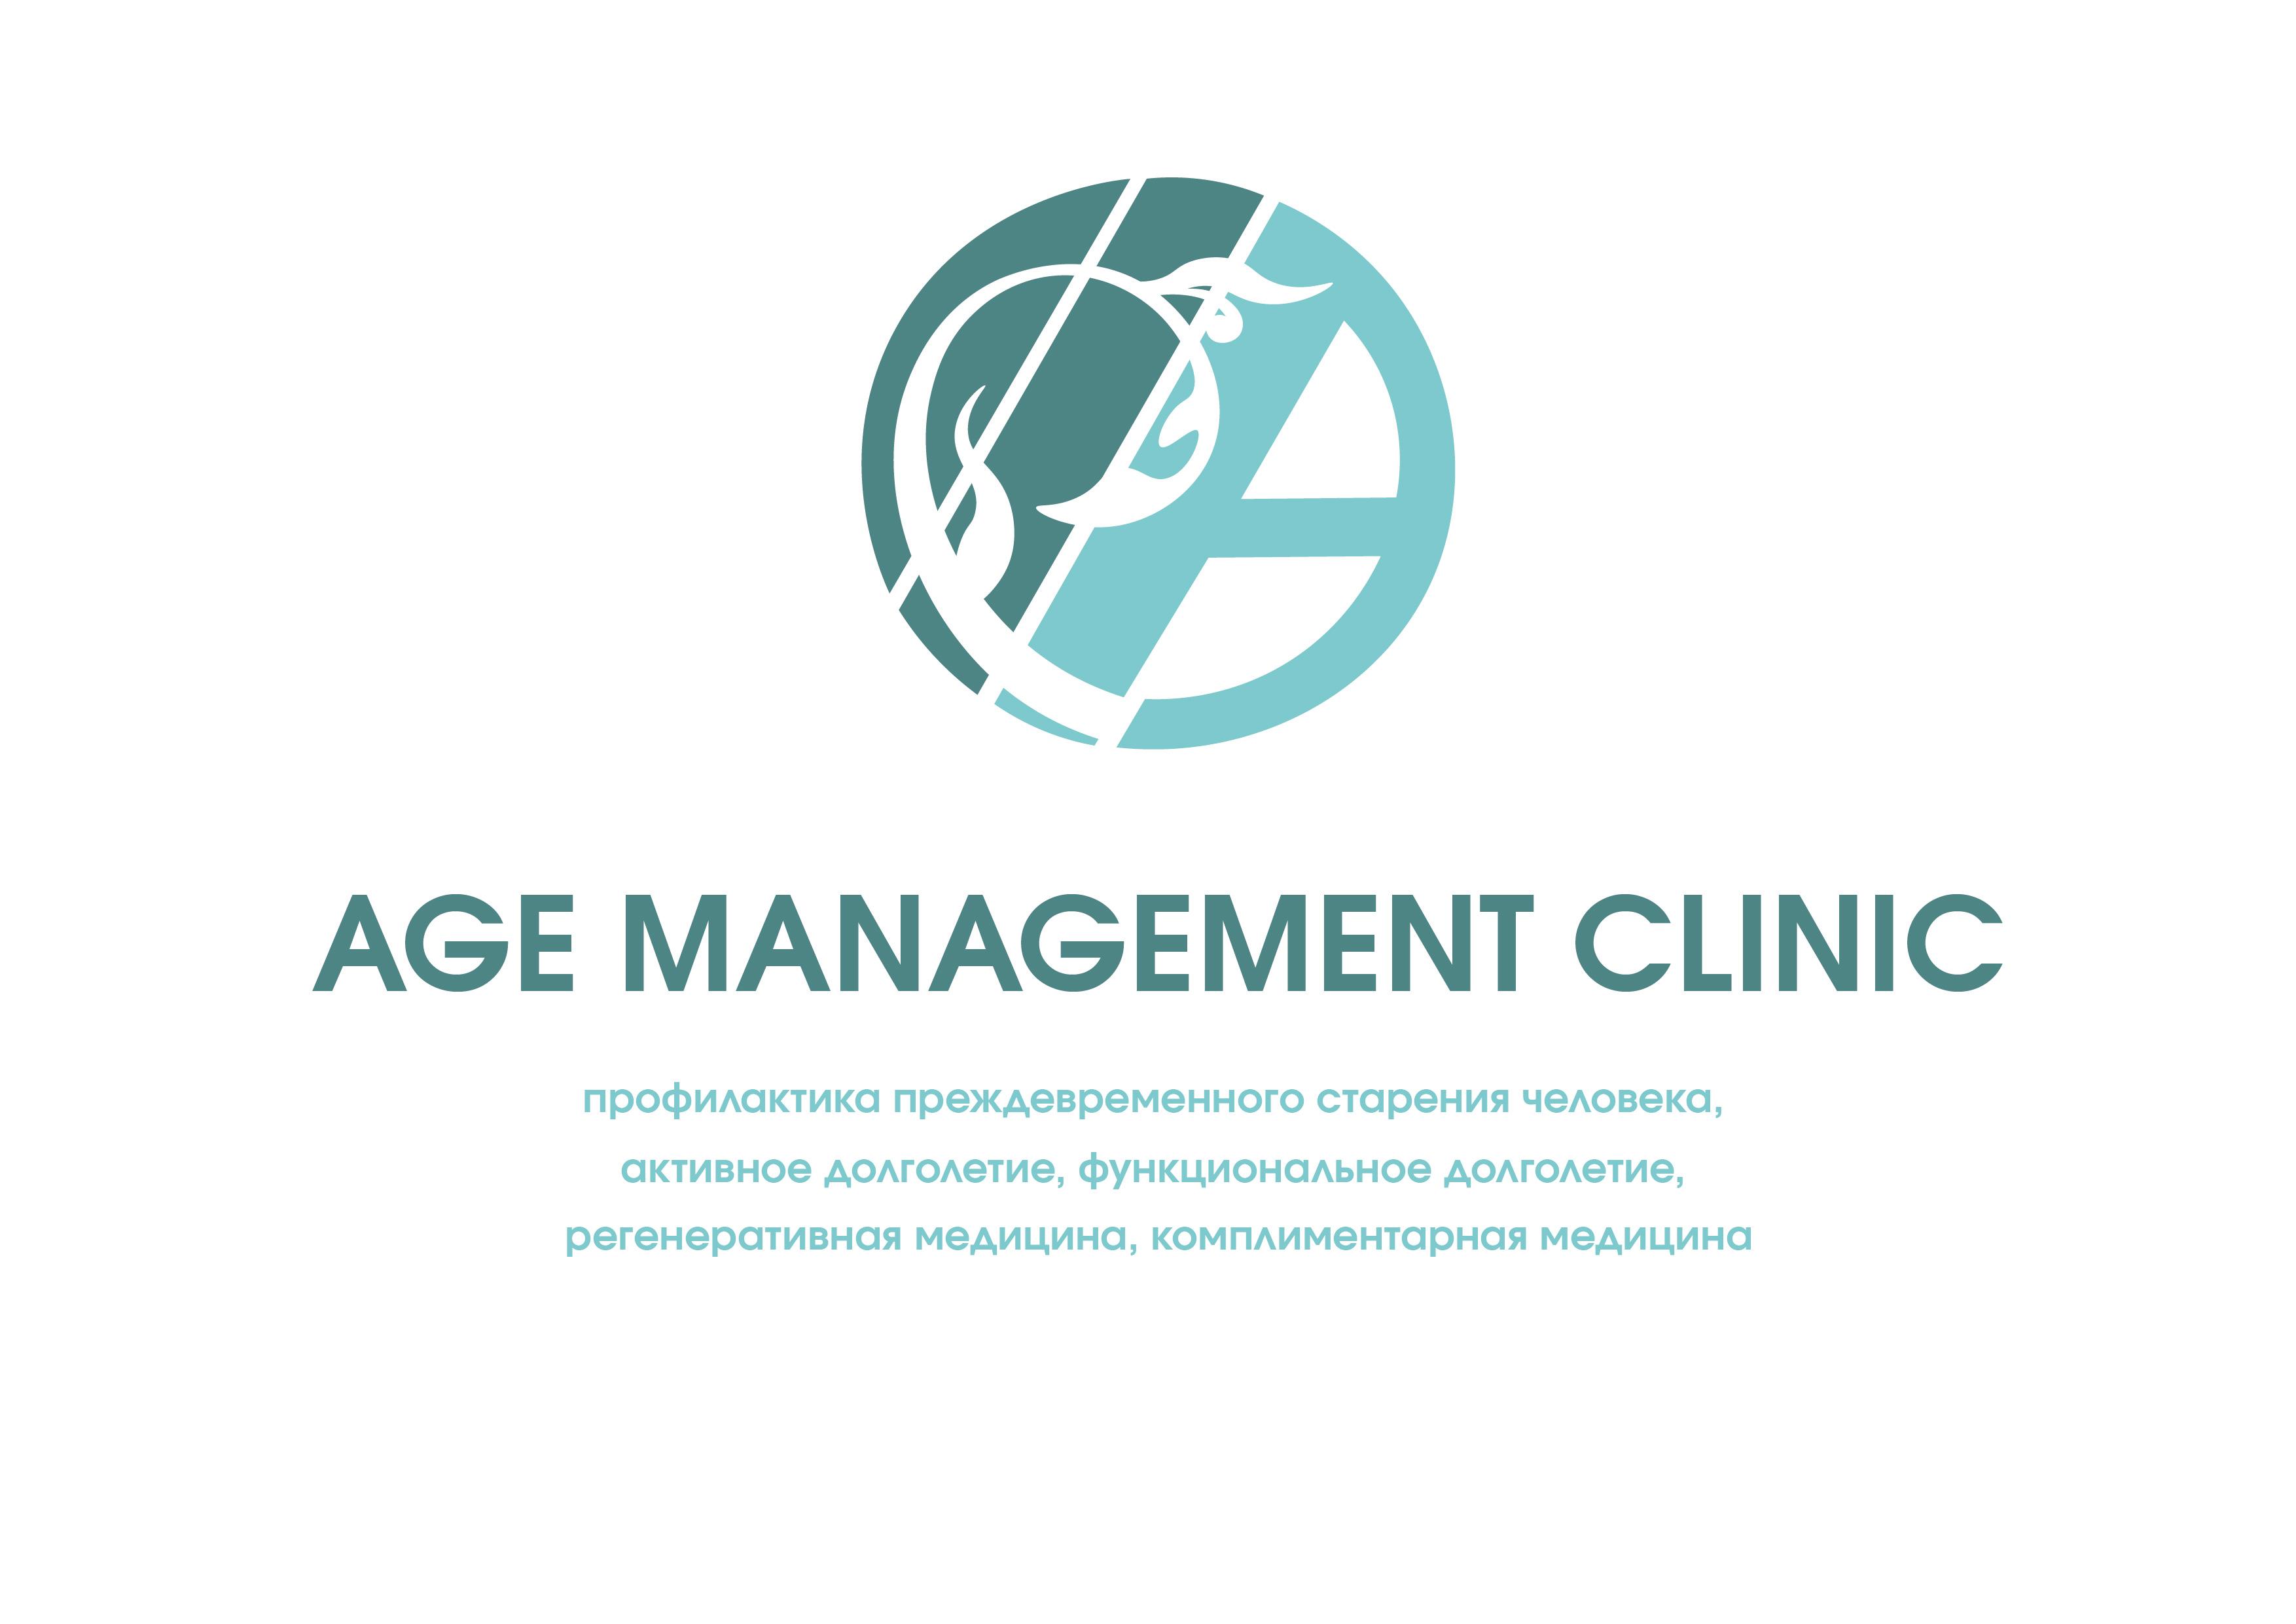 Логотип для медицинского центра (клиники)  фото f_4755b9bae73dc5ee.jpg